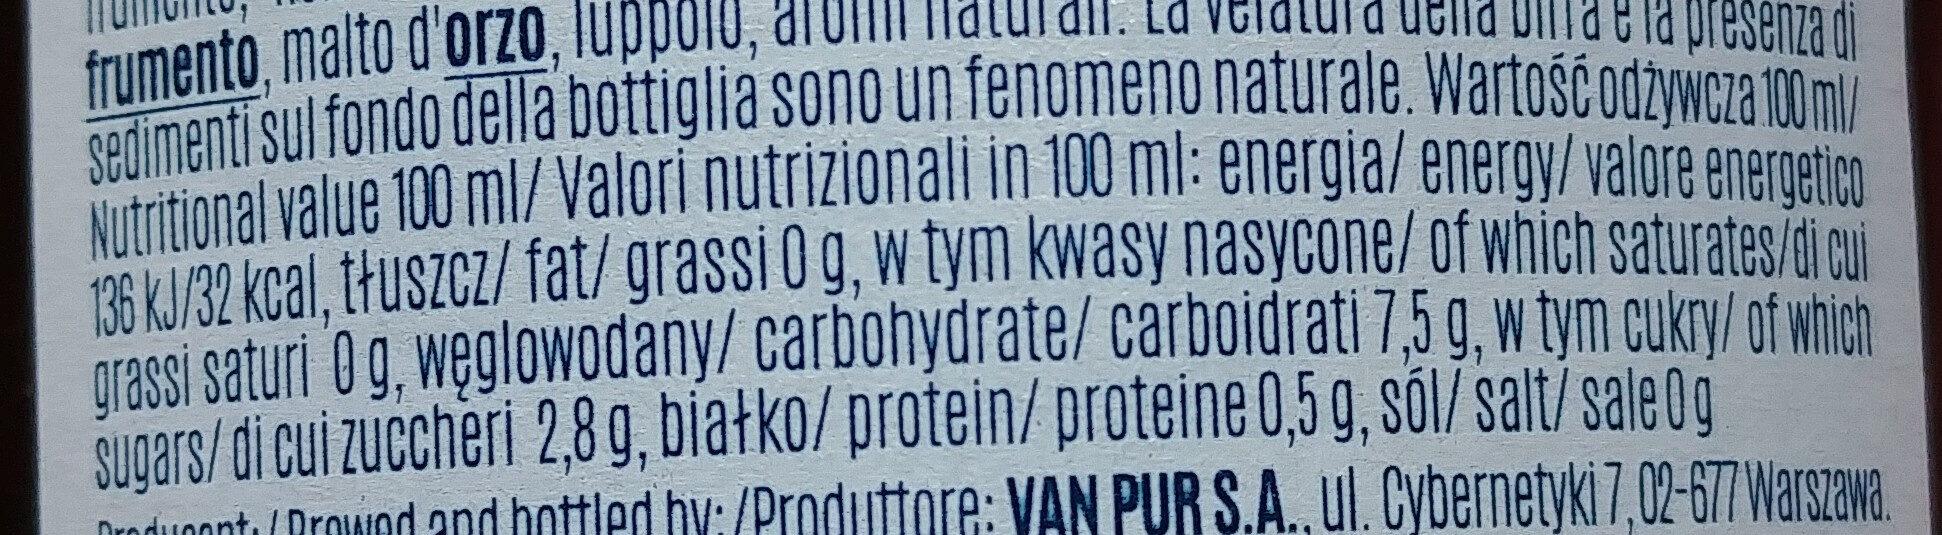 Birra analcolica - Wartości odżywcze